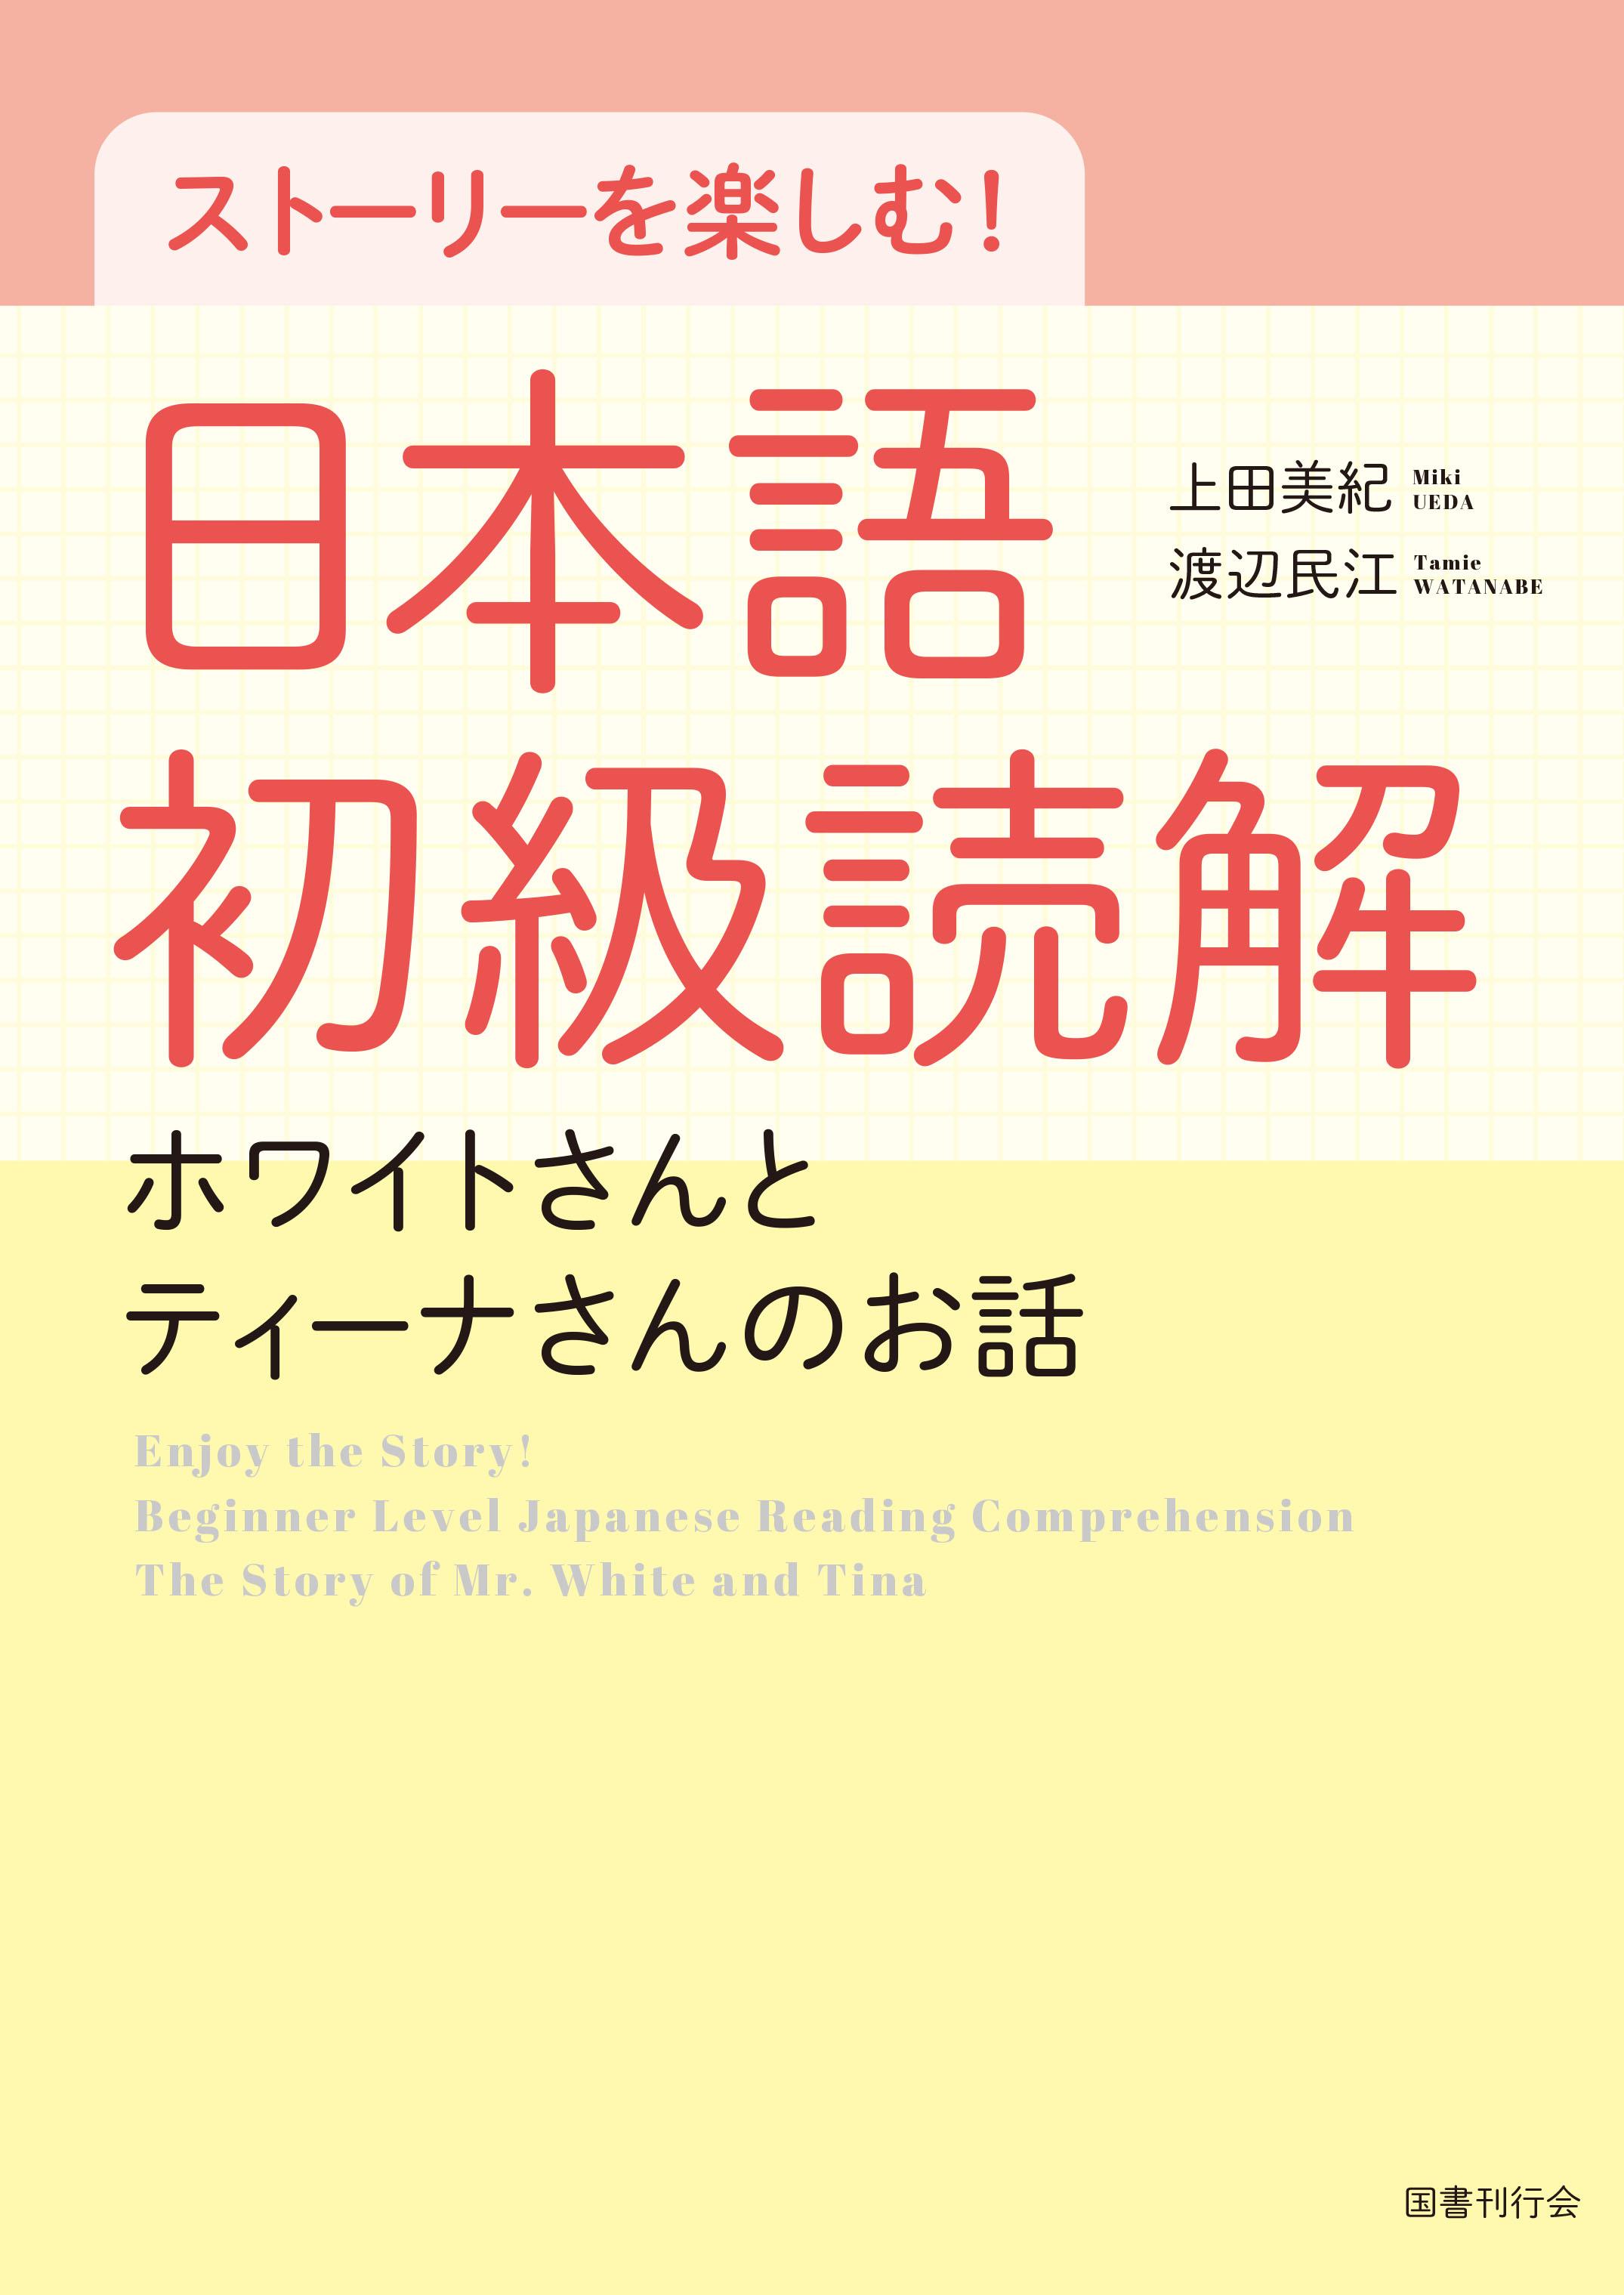 ストーリーを楽しむ! 日本語初級読解 ホワイトさんとティーナさんのお話     画像